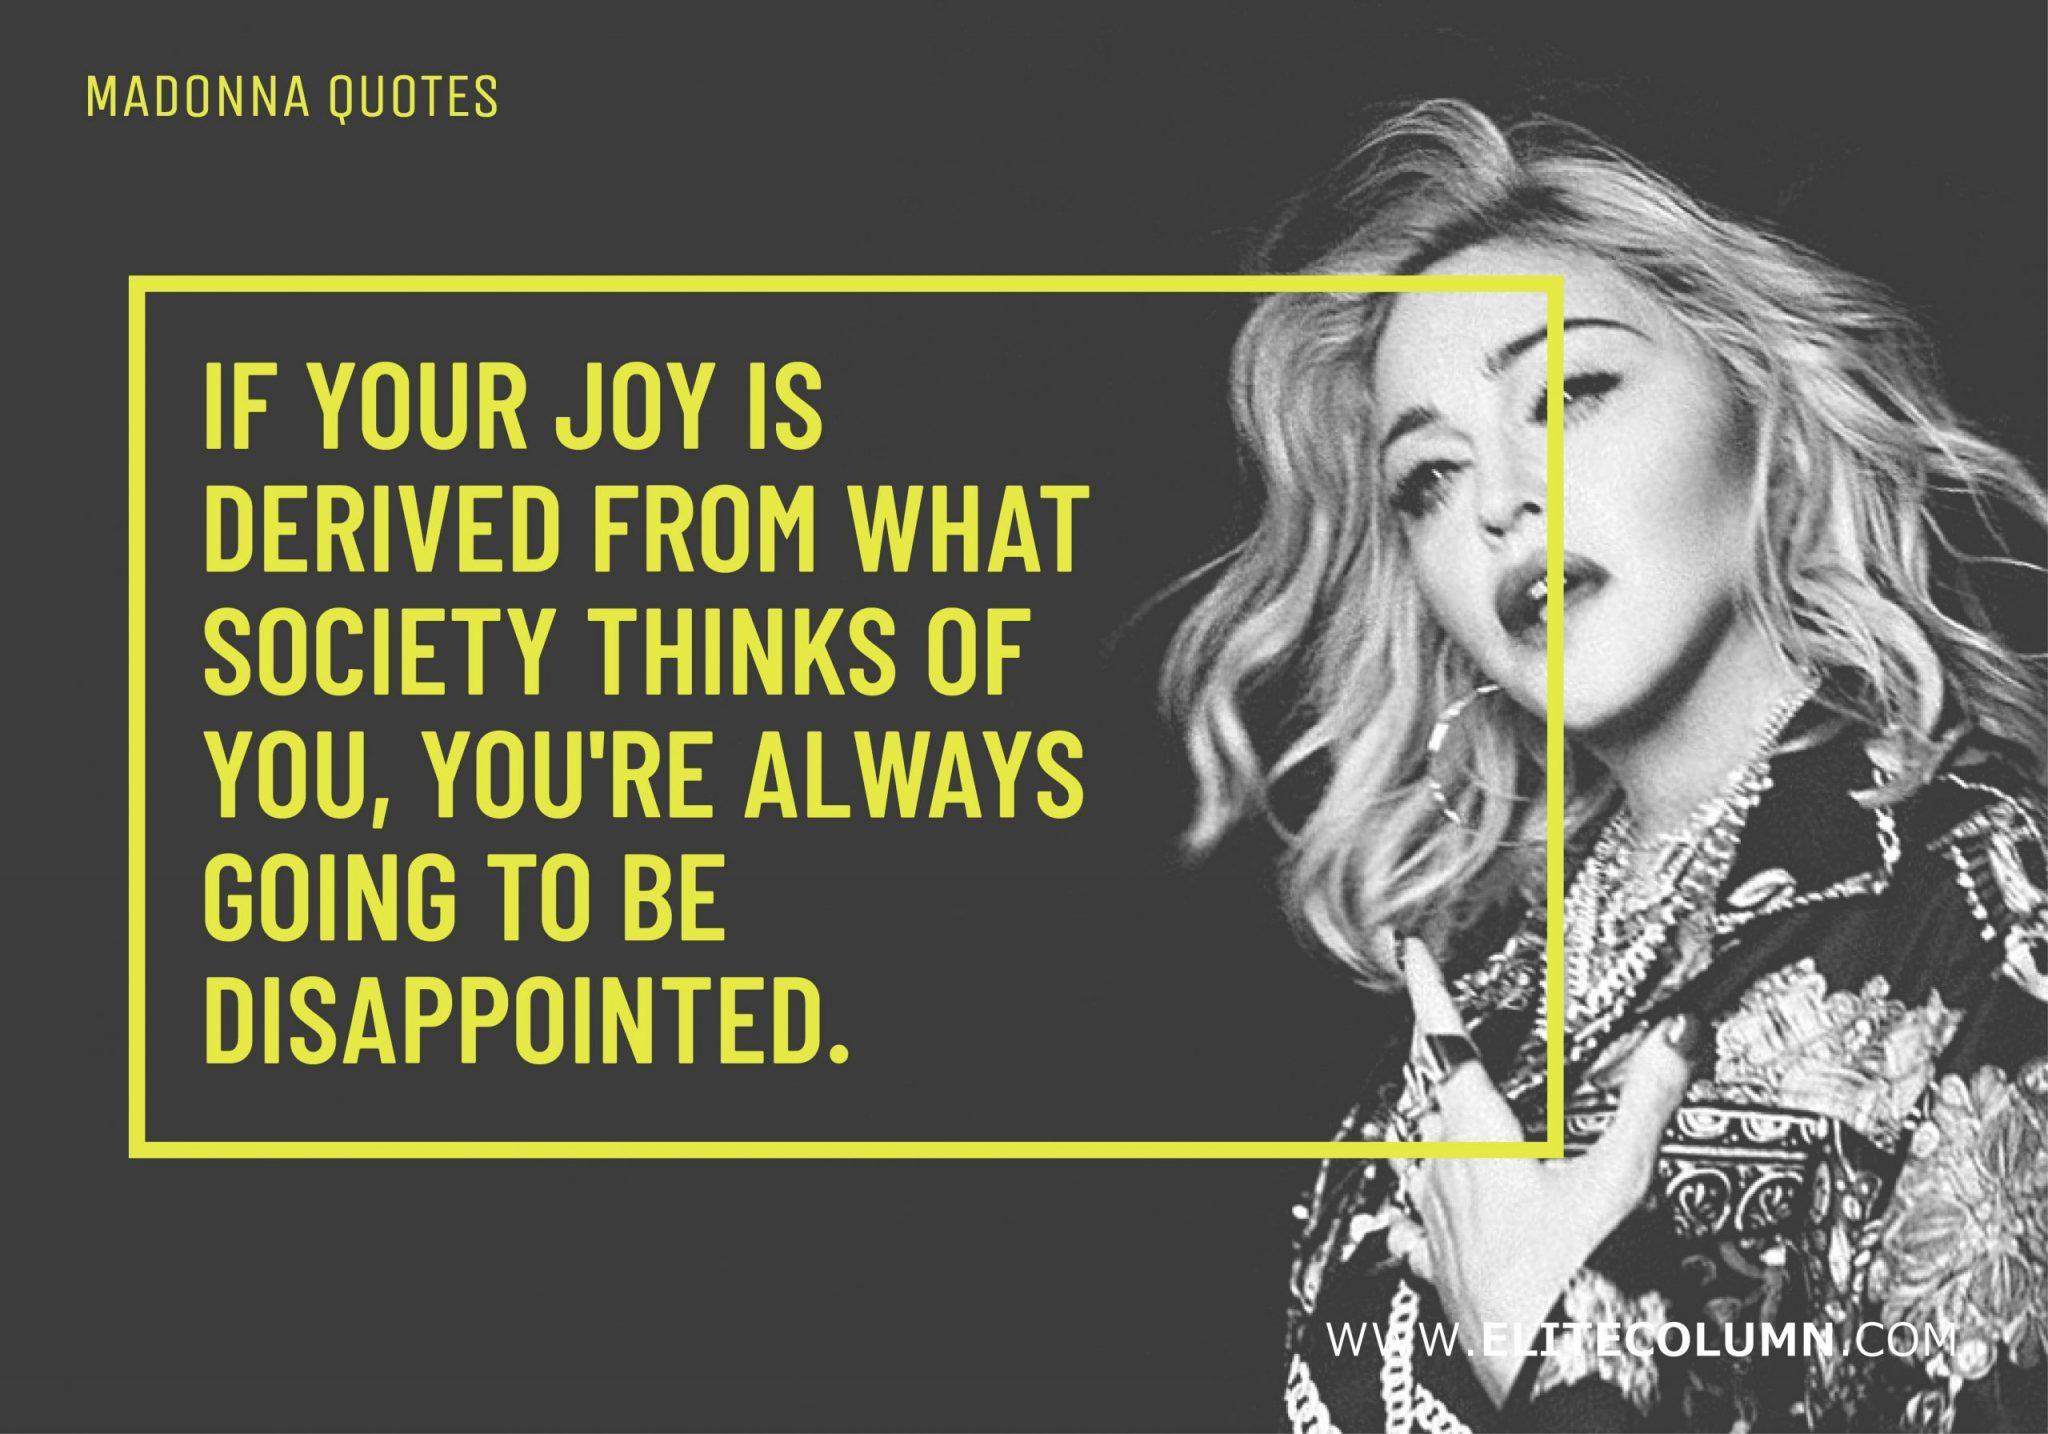 Madonna Quotes (12)